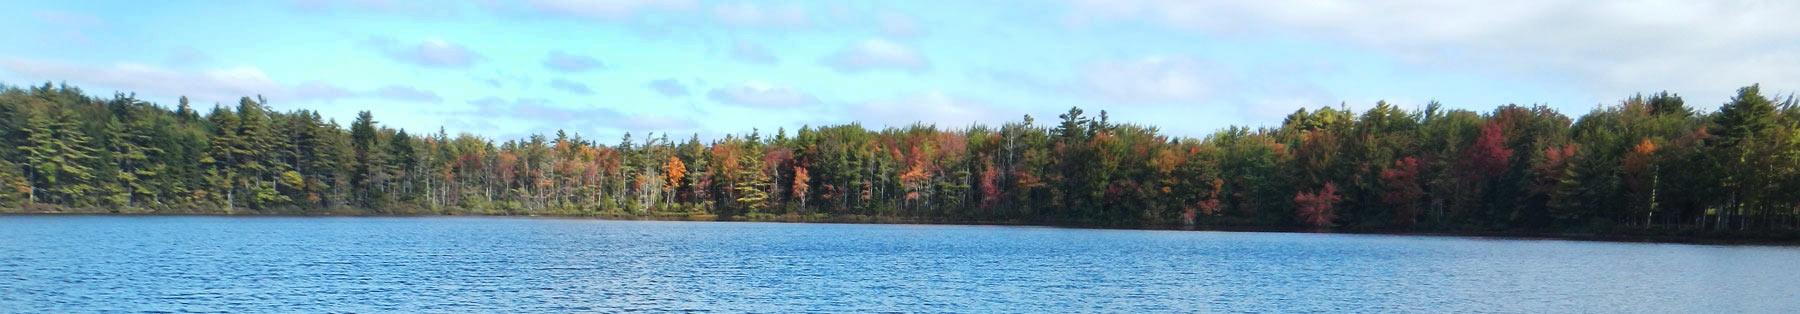 HCSWCD Lake